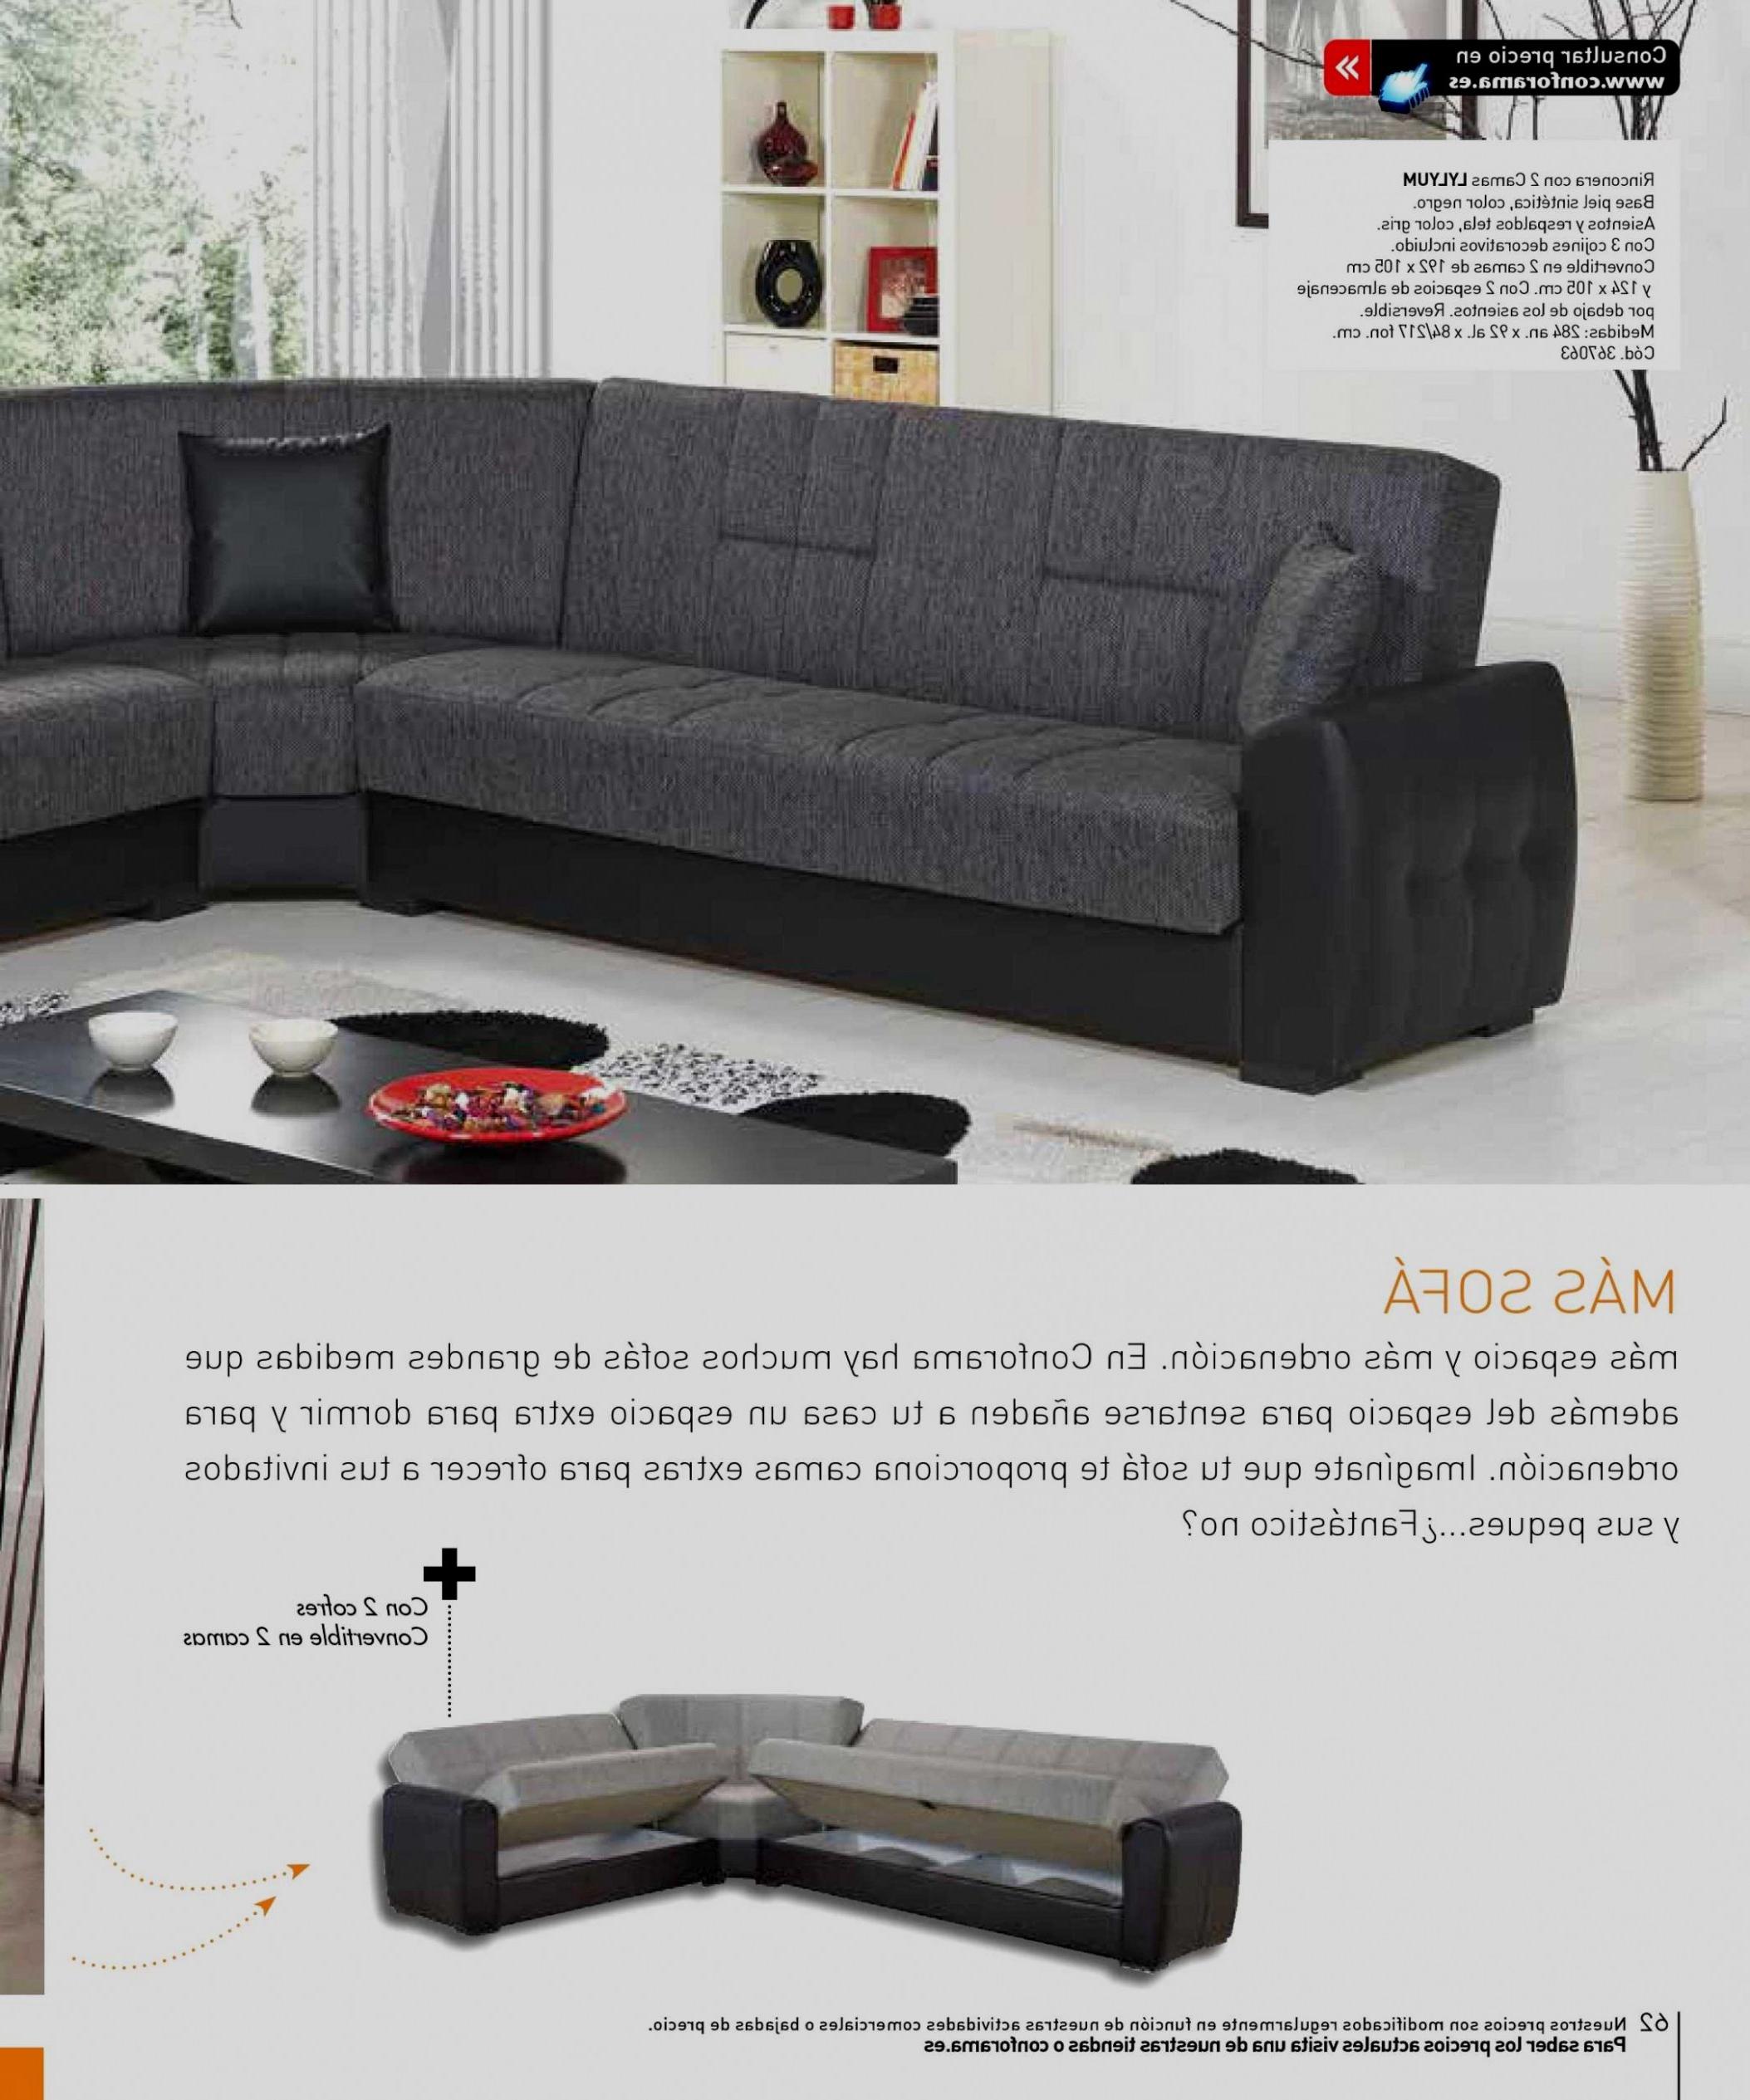 Tiendas De sofas En Sevilla U3dh 25 Bien sofas Baratos Sevilla Busco Sillas